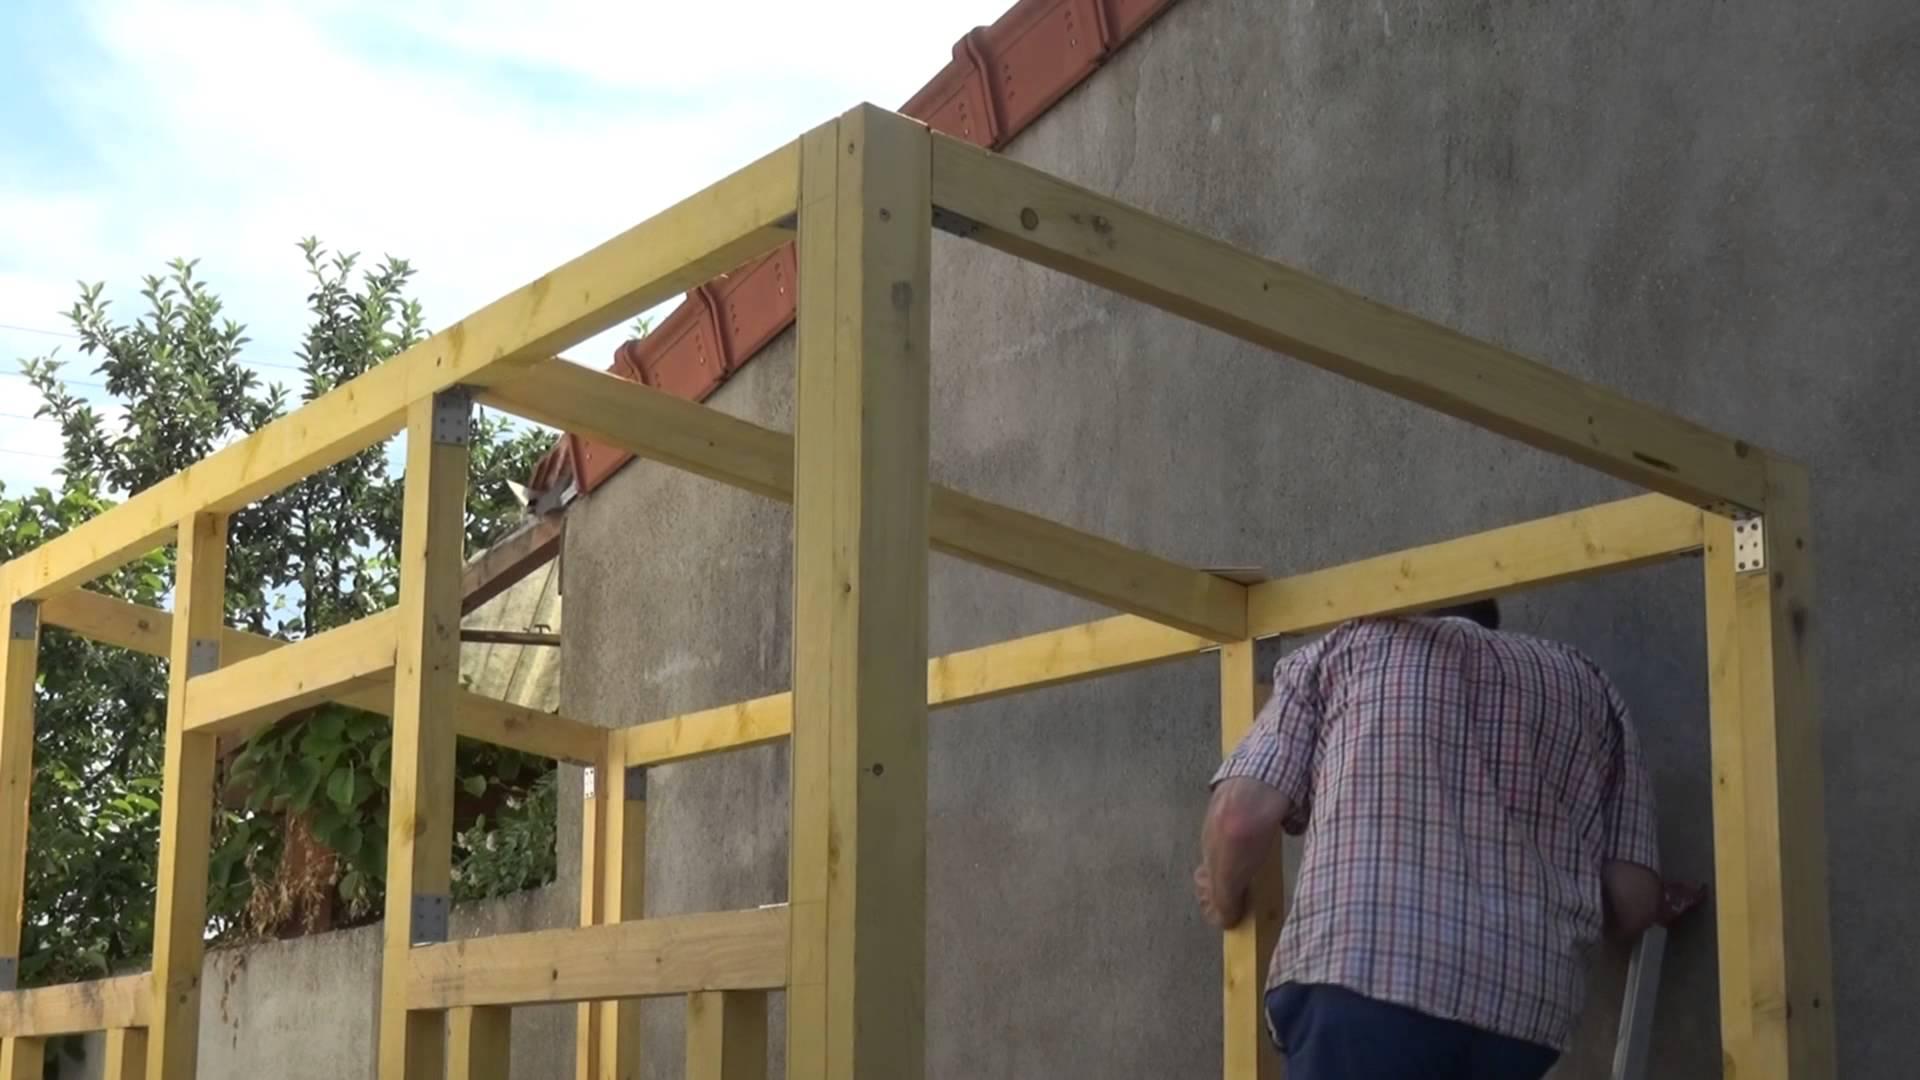 Construire Abri De Jardin Des Idées - Idees Conception Jardin concernant Comment Construire Un Abri De Jardin